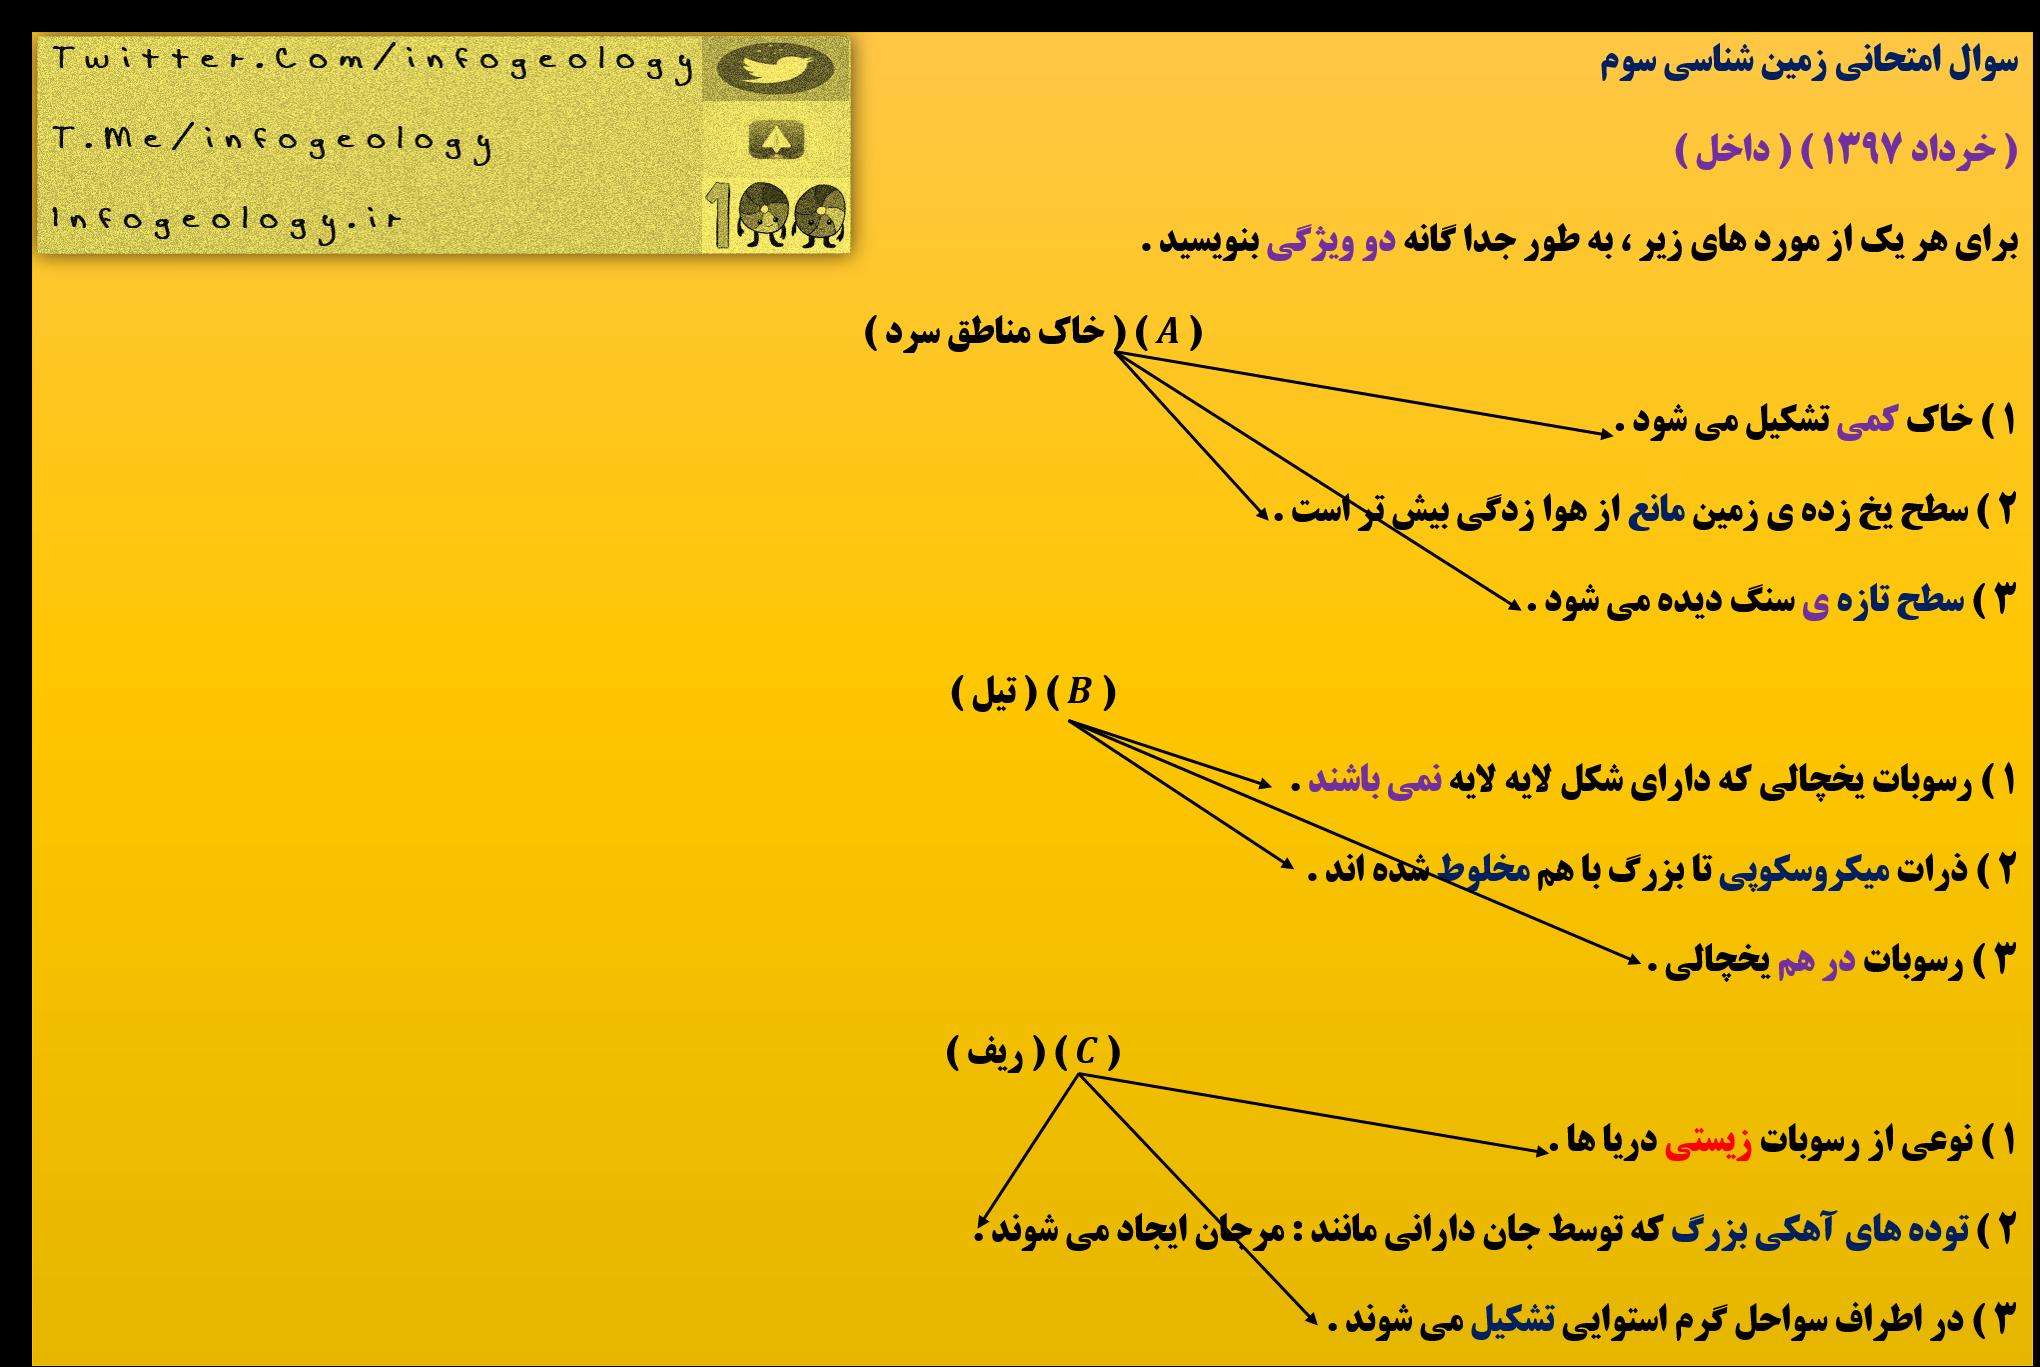 198 - سوال امتحانی زمین شناسی سوم ( خرداد 1397 ) ( داخل )